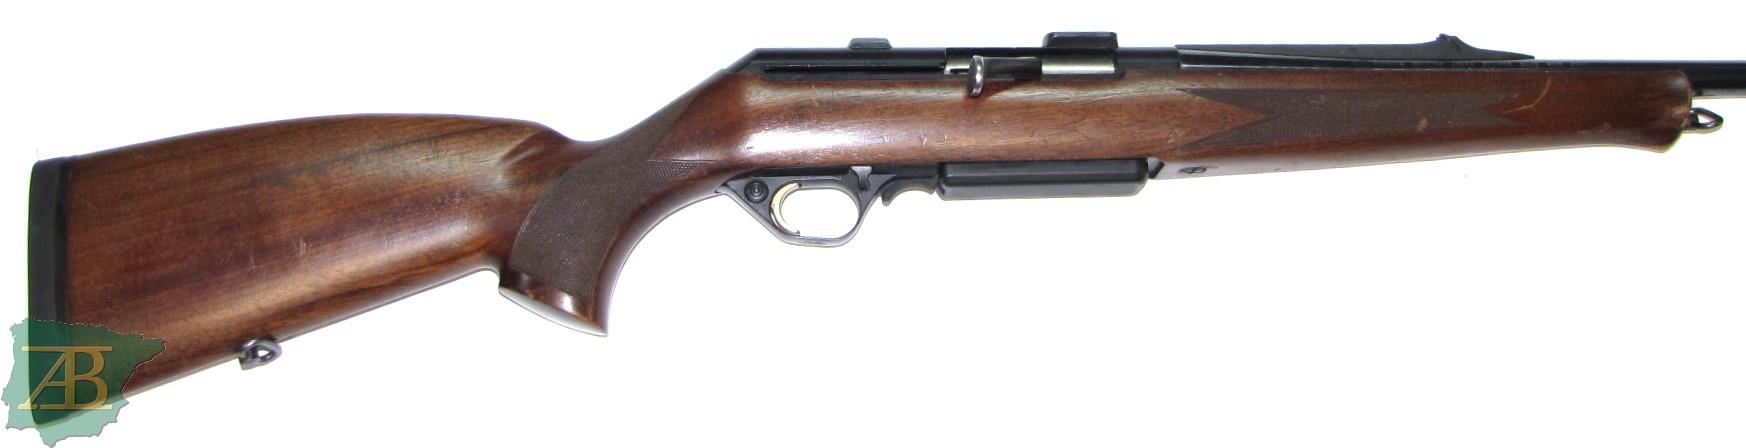 Rifle semiautomático BROWNING ACERA Ref REP2021-228-armeriaiberica-2